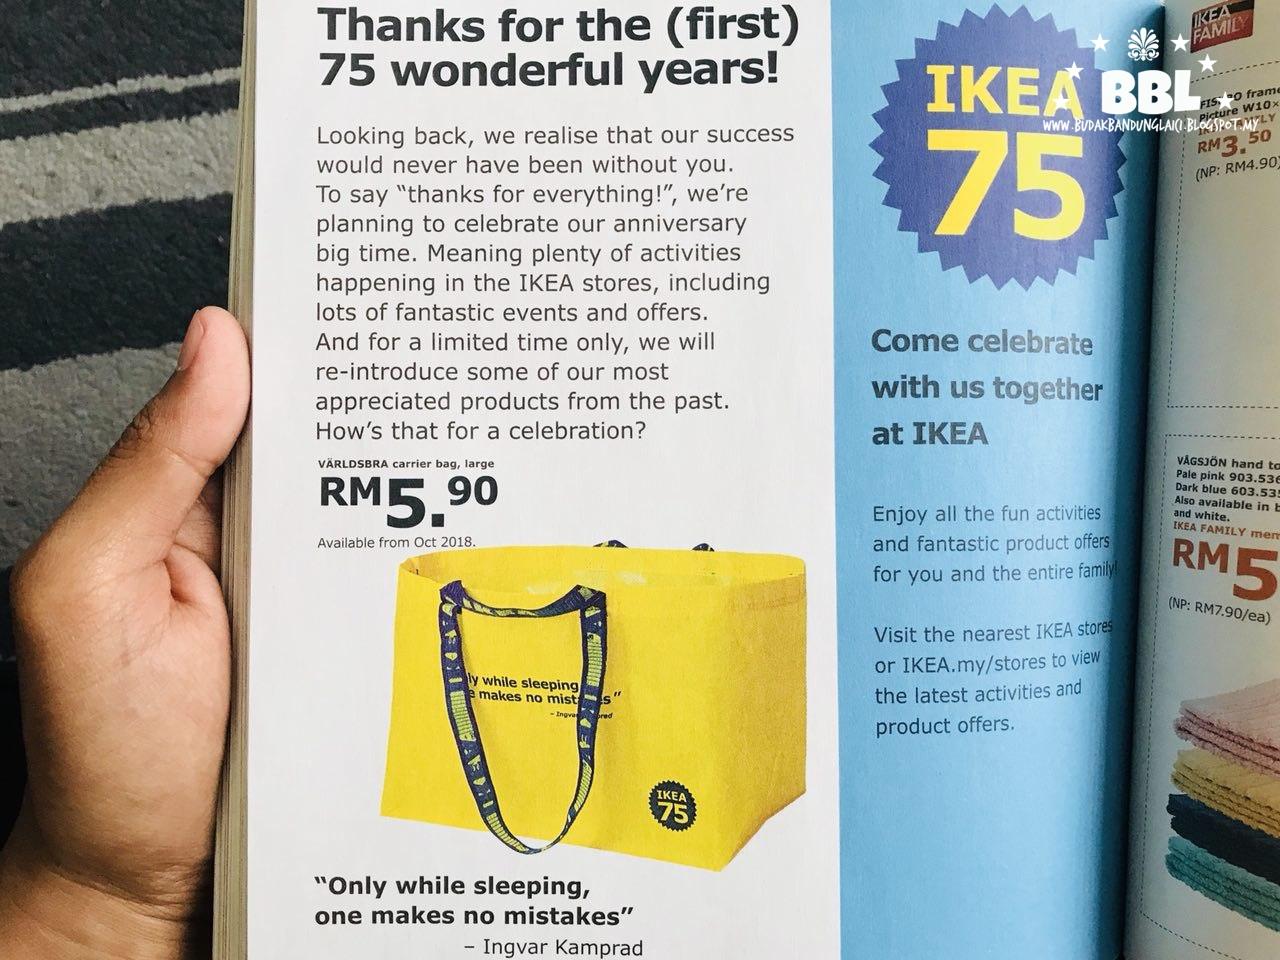 Katalog Ikea 2019 Dah Sampai Rumah Budak Bandung Laici